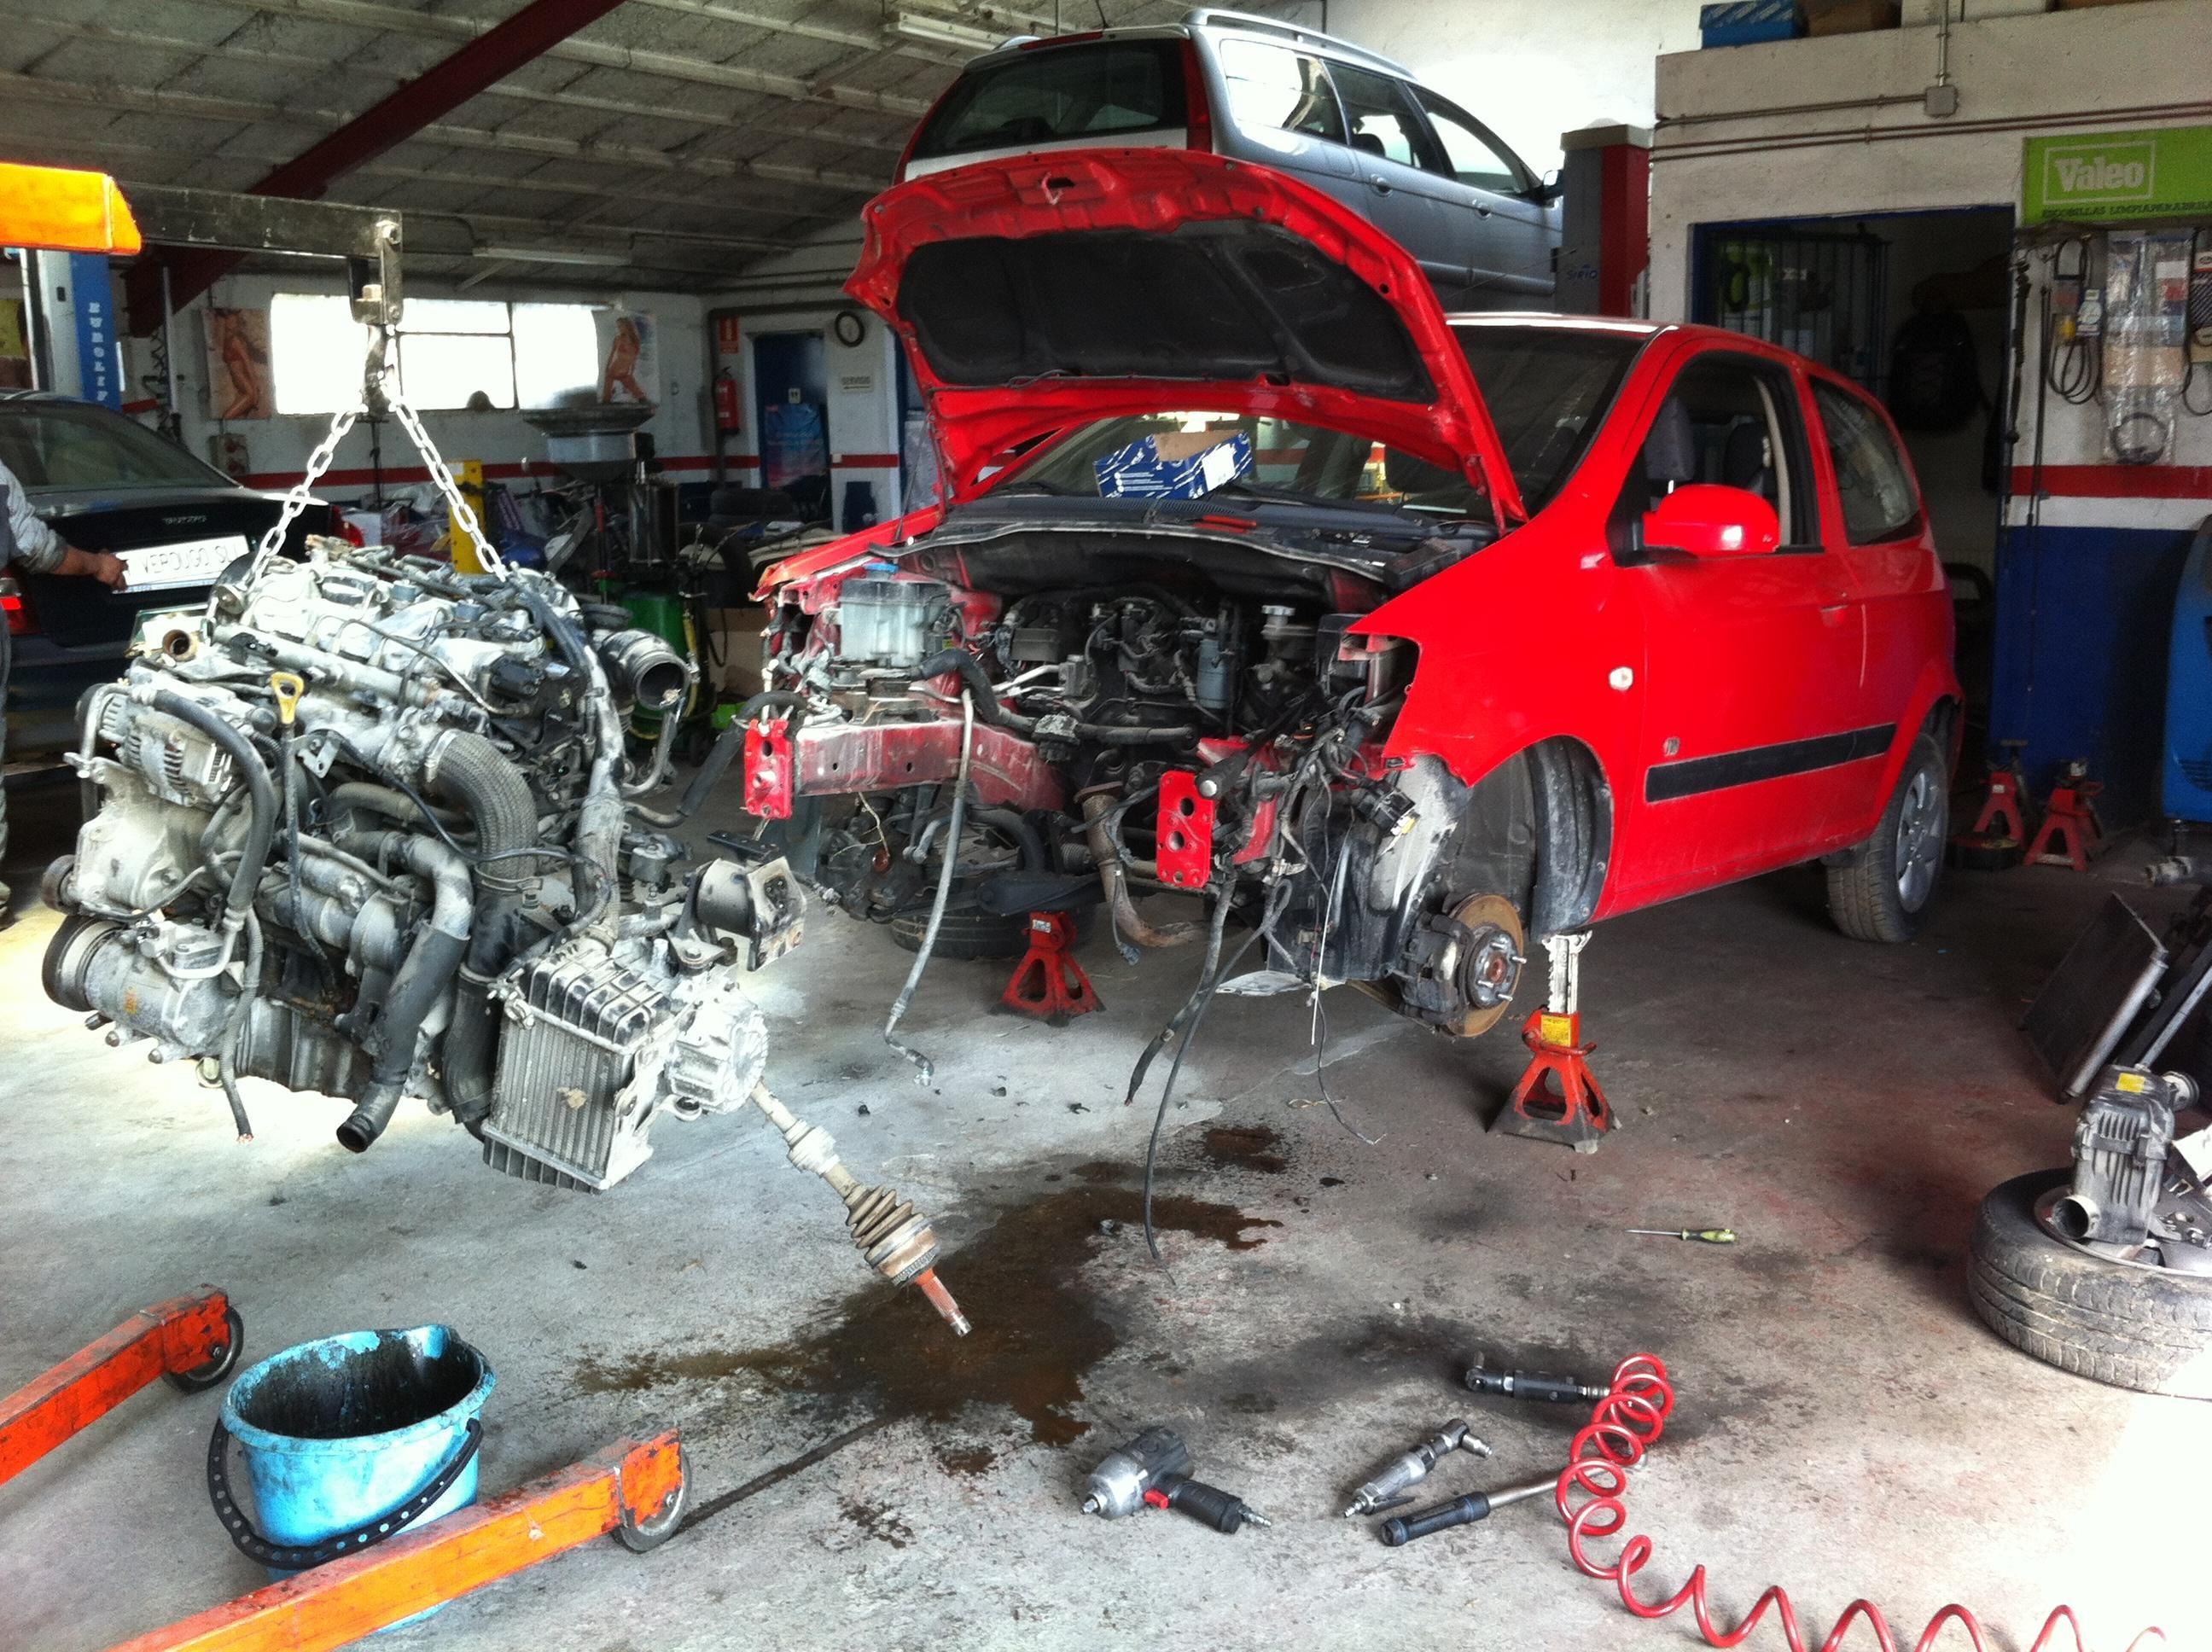 Desmontar motor Soto del Real